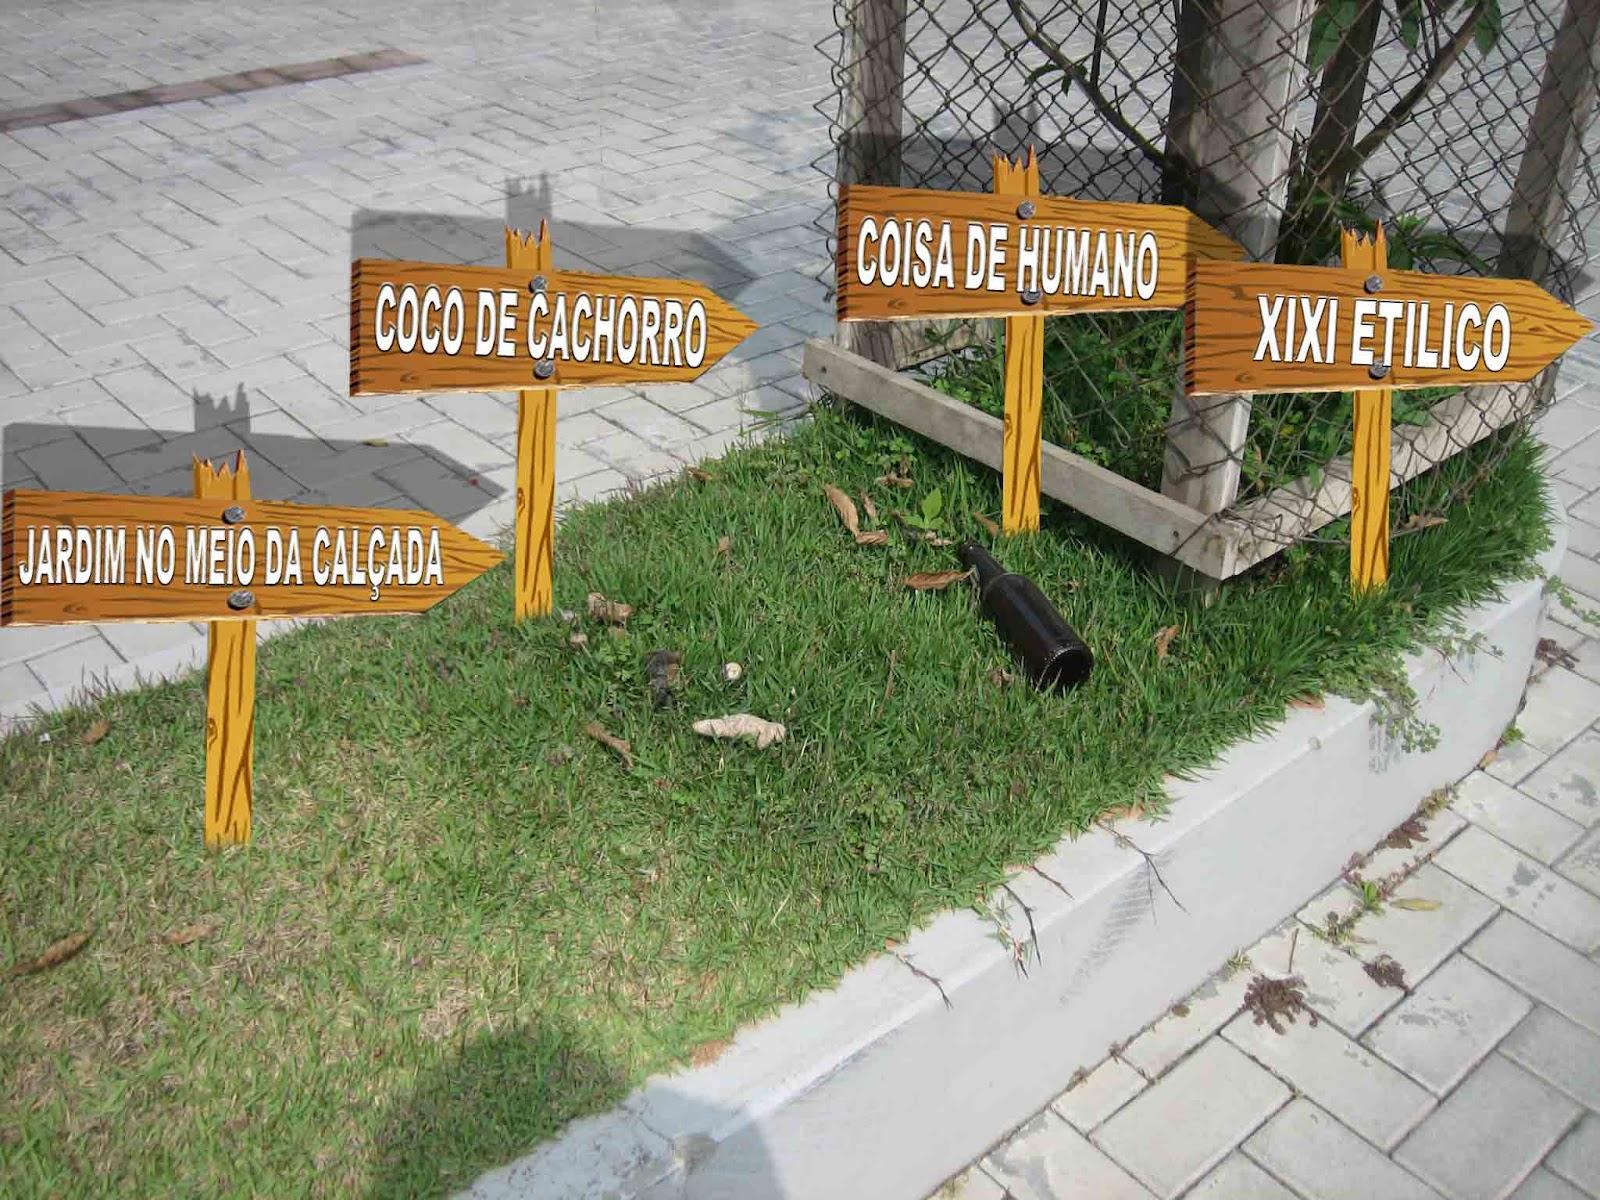 Banheiro público de cachorro fica na calçada. #A47027 1600x1200 Banheiro De Cachorro